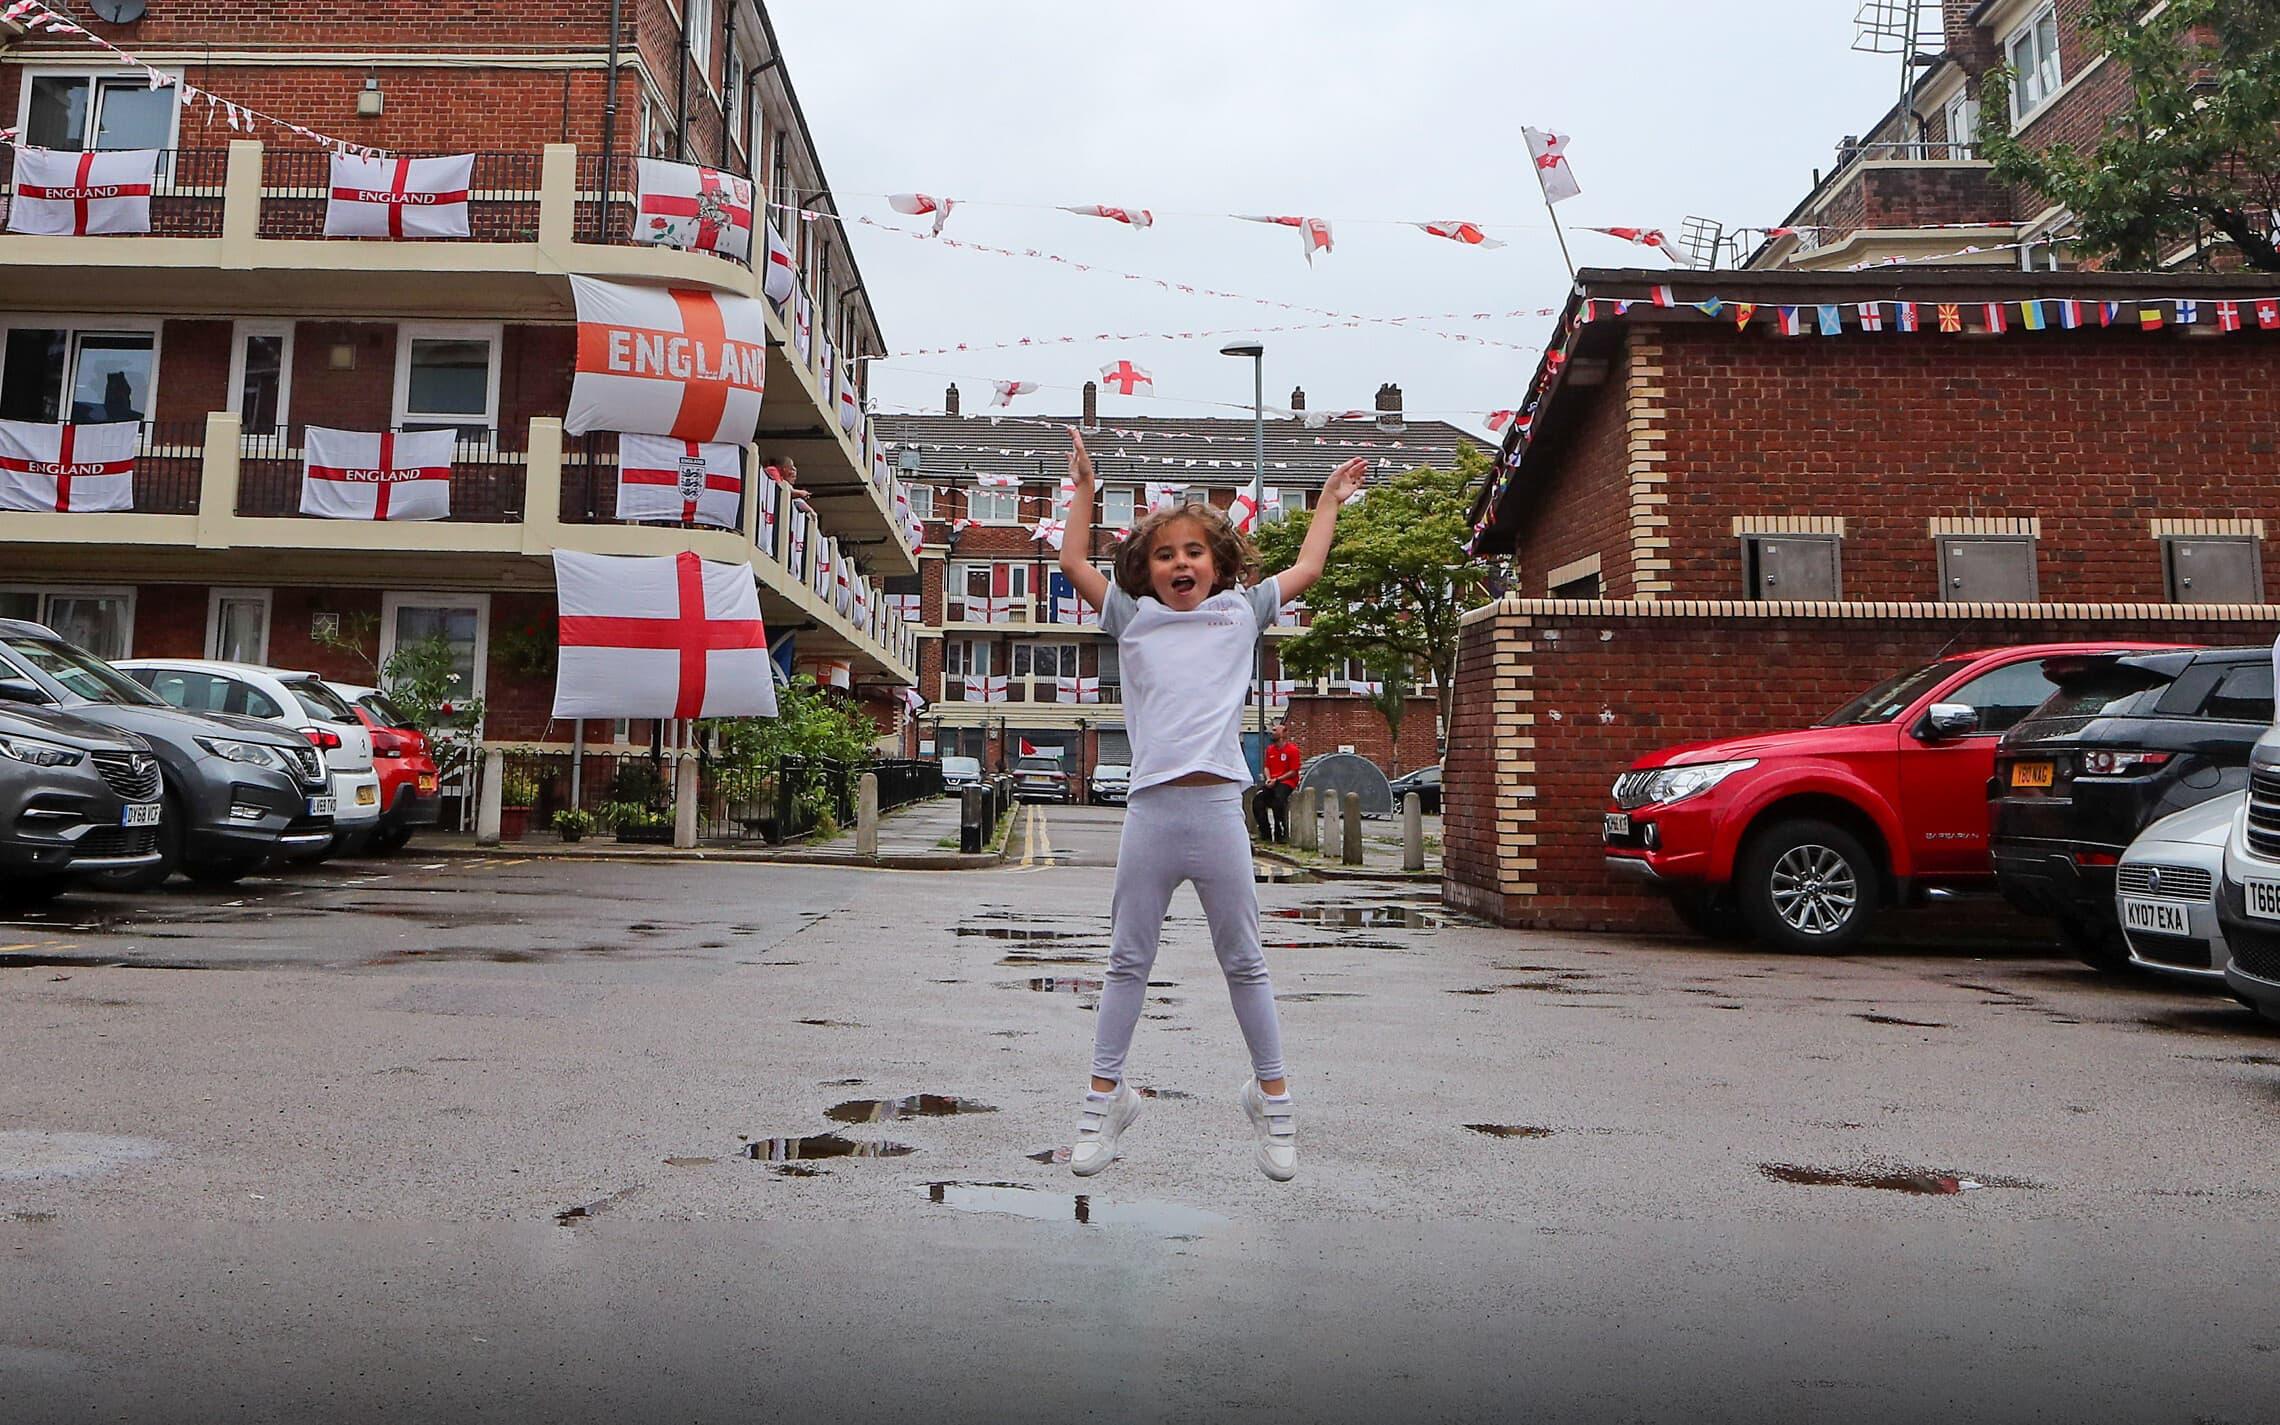 מעריצת נבחרת אנגליה קופצת משמחה בלונדון, 29 ביוני 2021 (צילום: AP Photo/Tony Hicks)